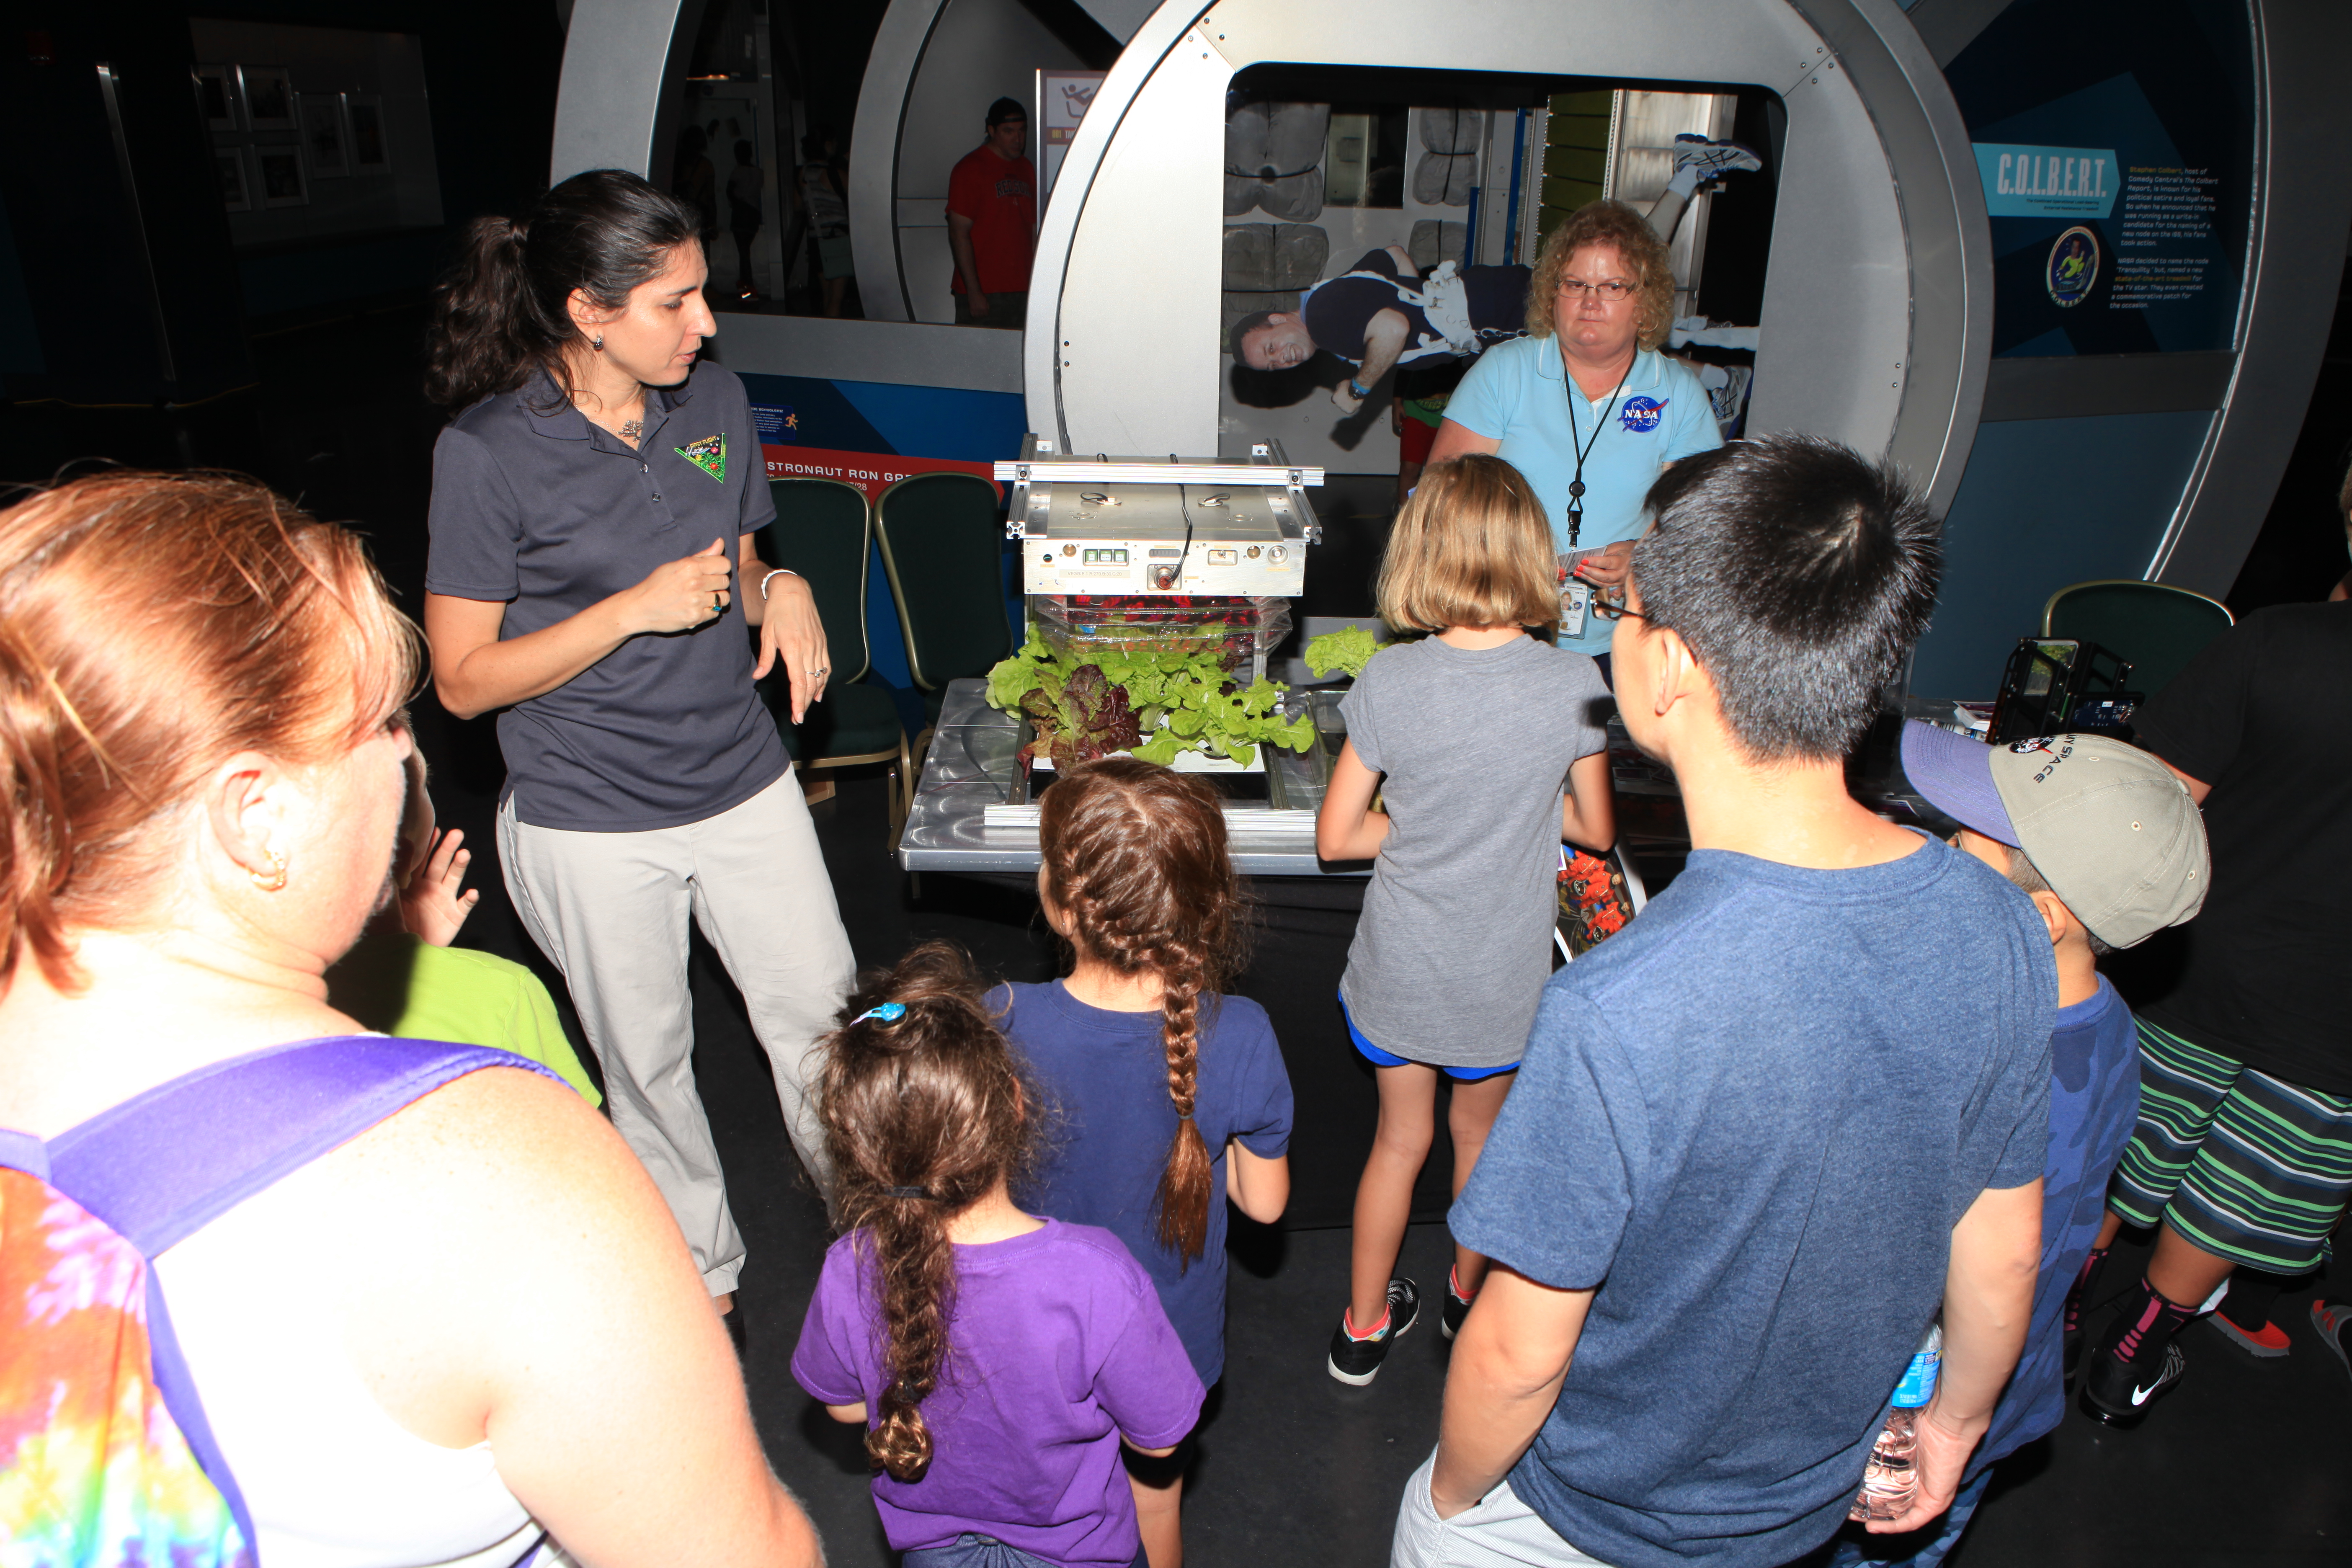 Worksheet Nasa Kids Program science wows kids families at community day nasa day